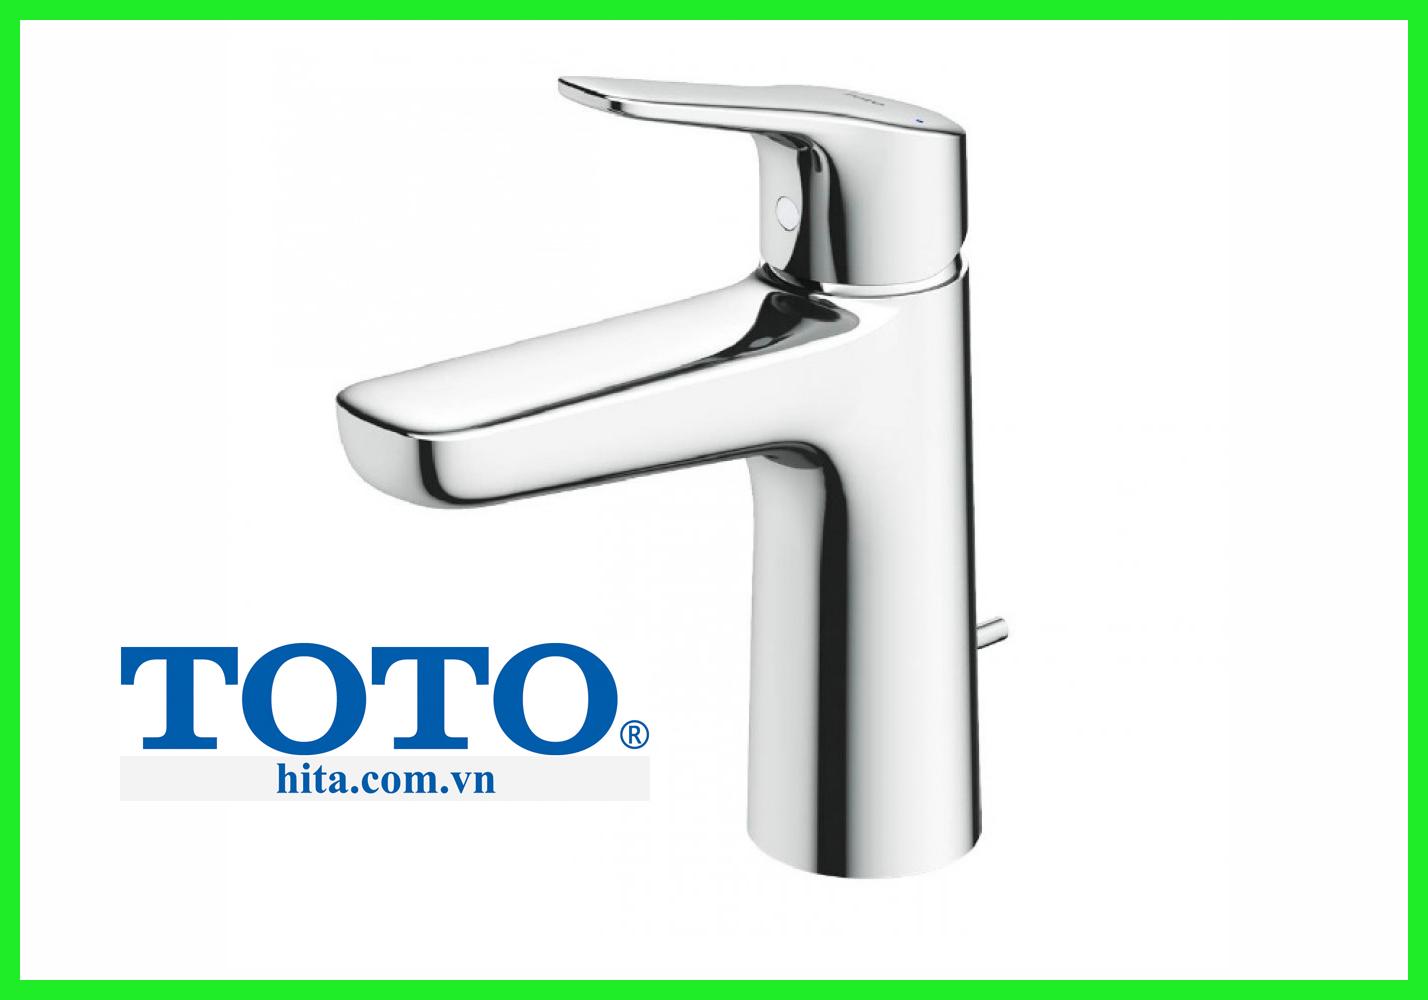 Vòi chậu Toto TLG03301V